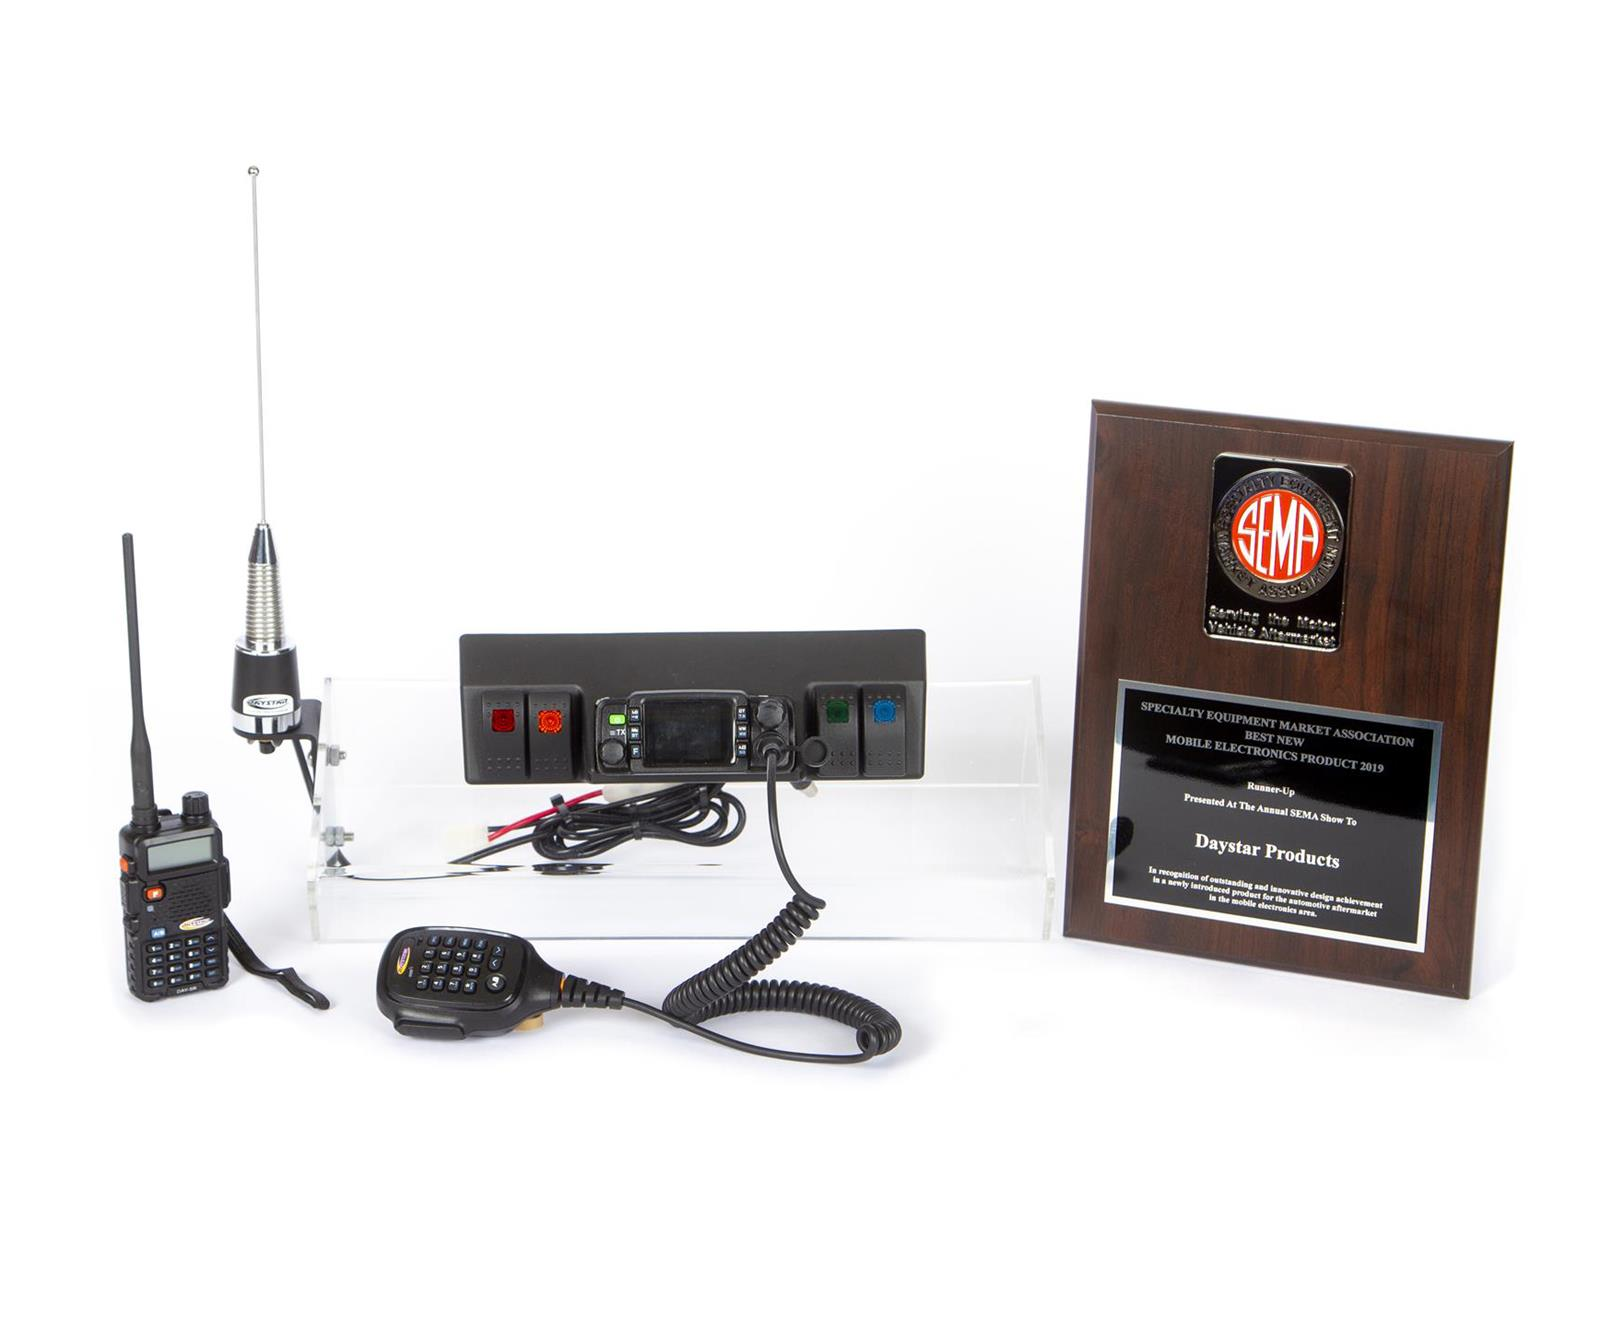 Daystar GMRS Radio Kits KJ71061BK